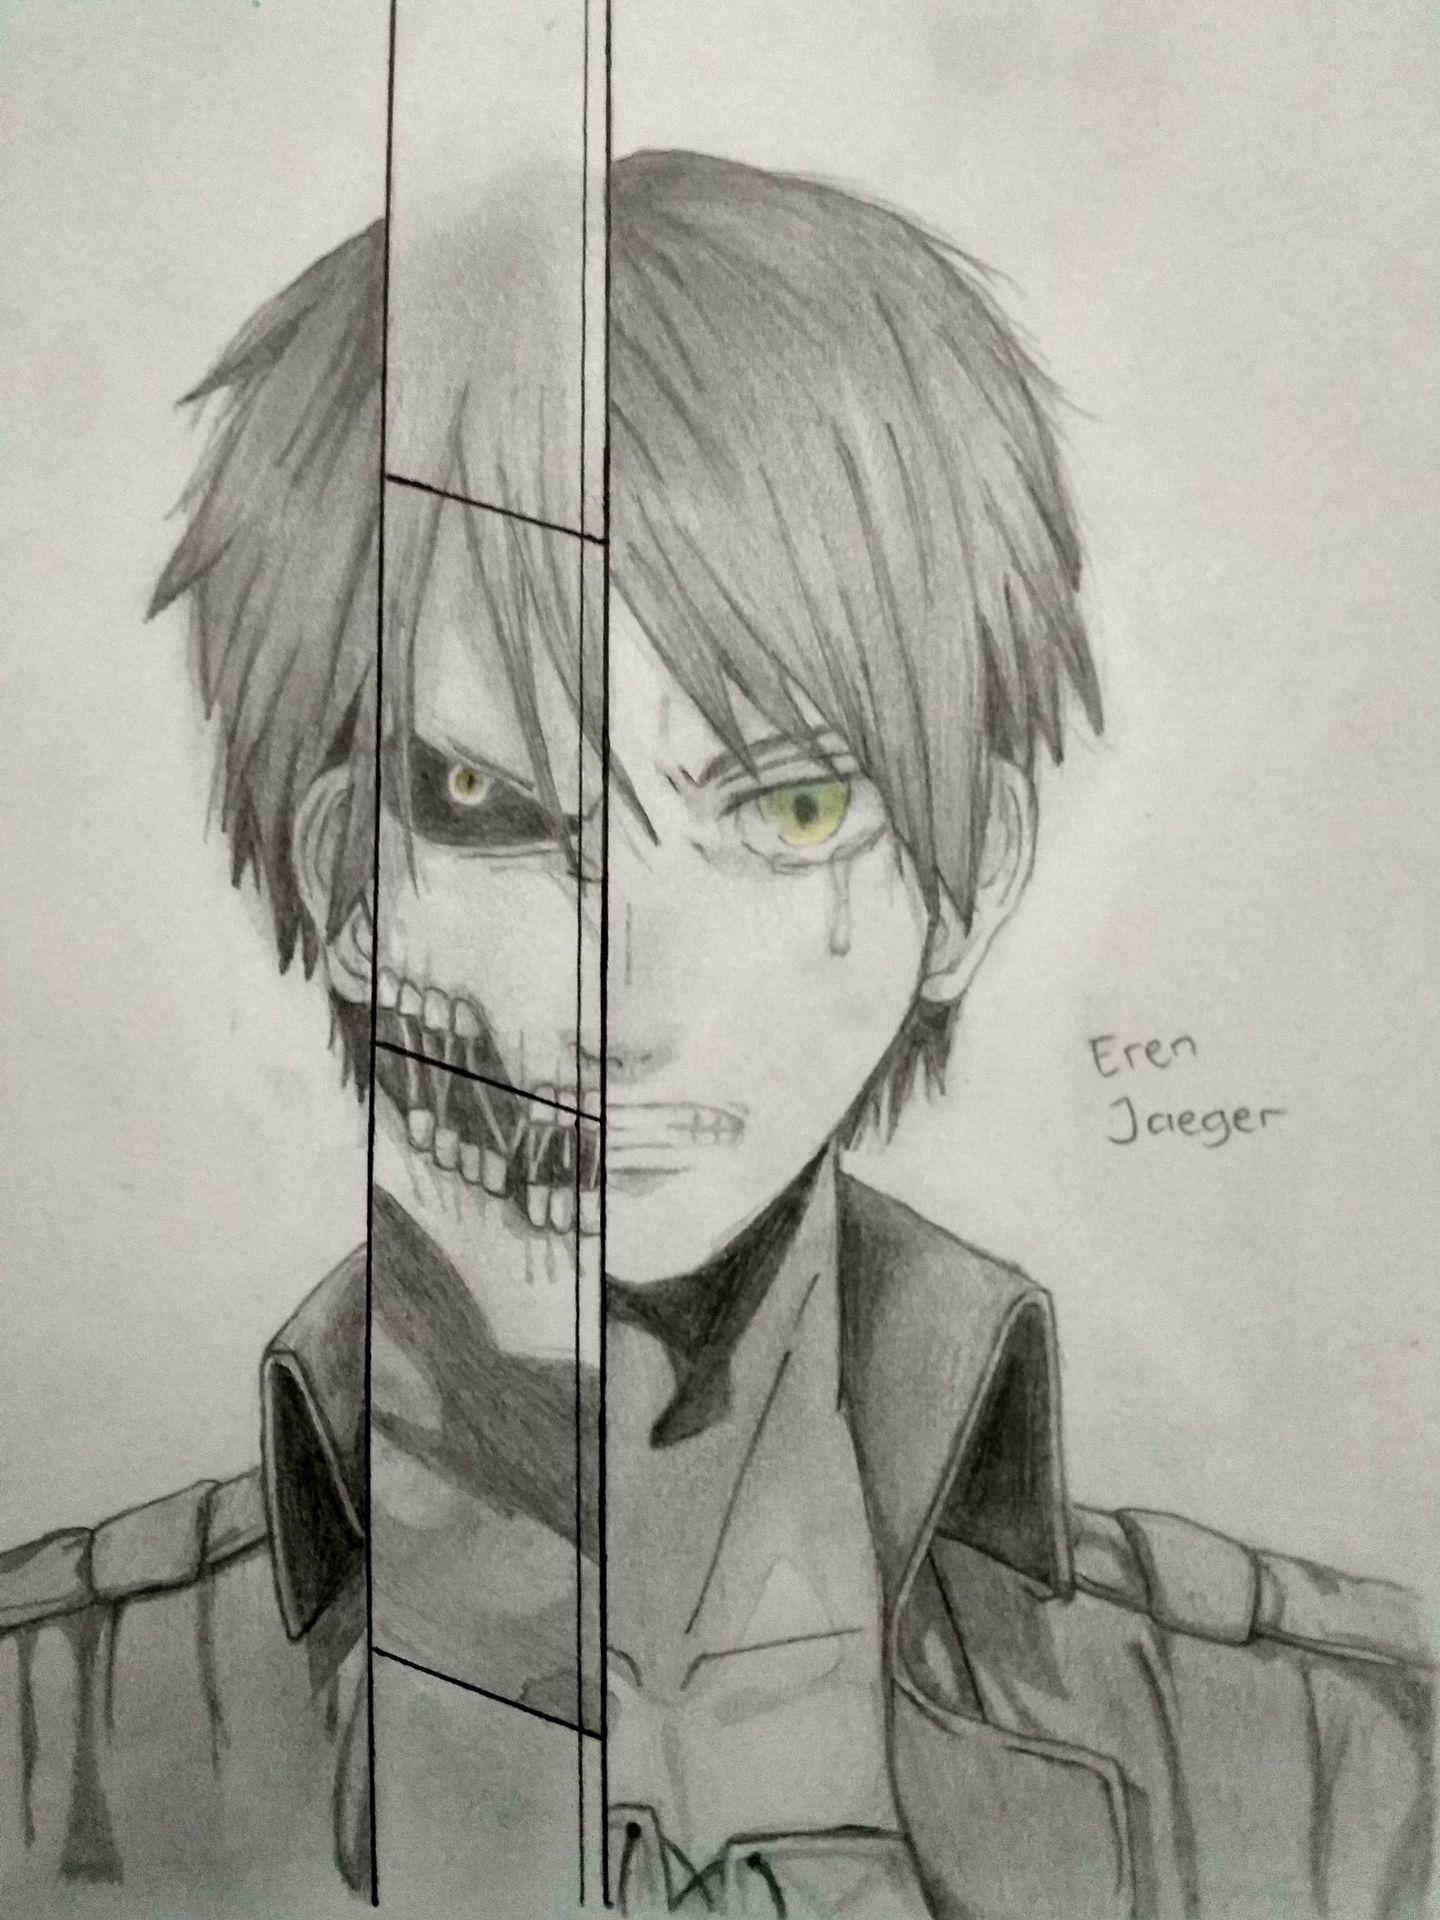 Mein Skizzenbuch Art Book Eren Jaeger III Attack On